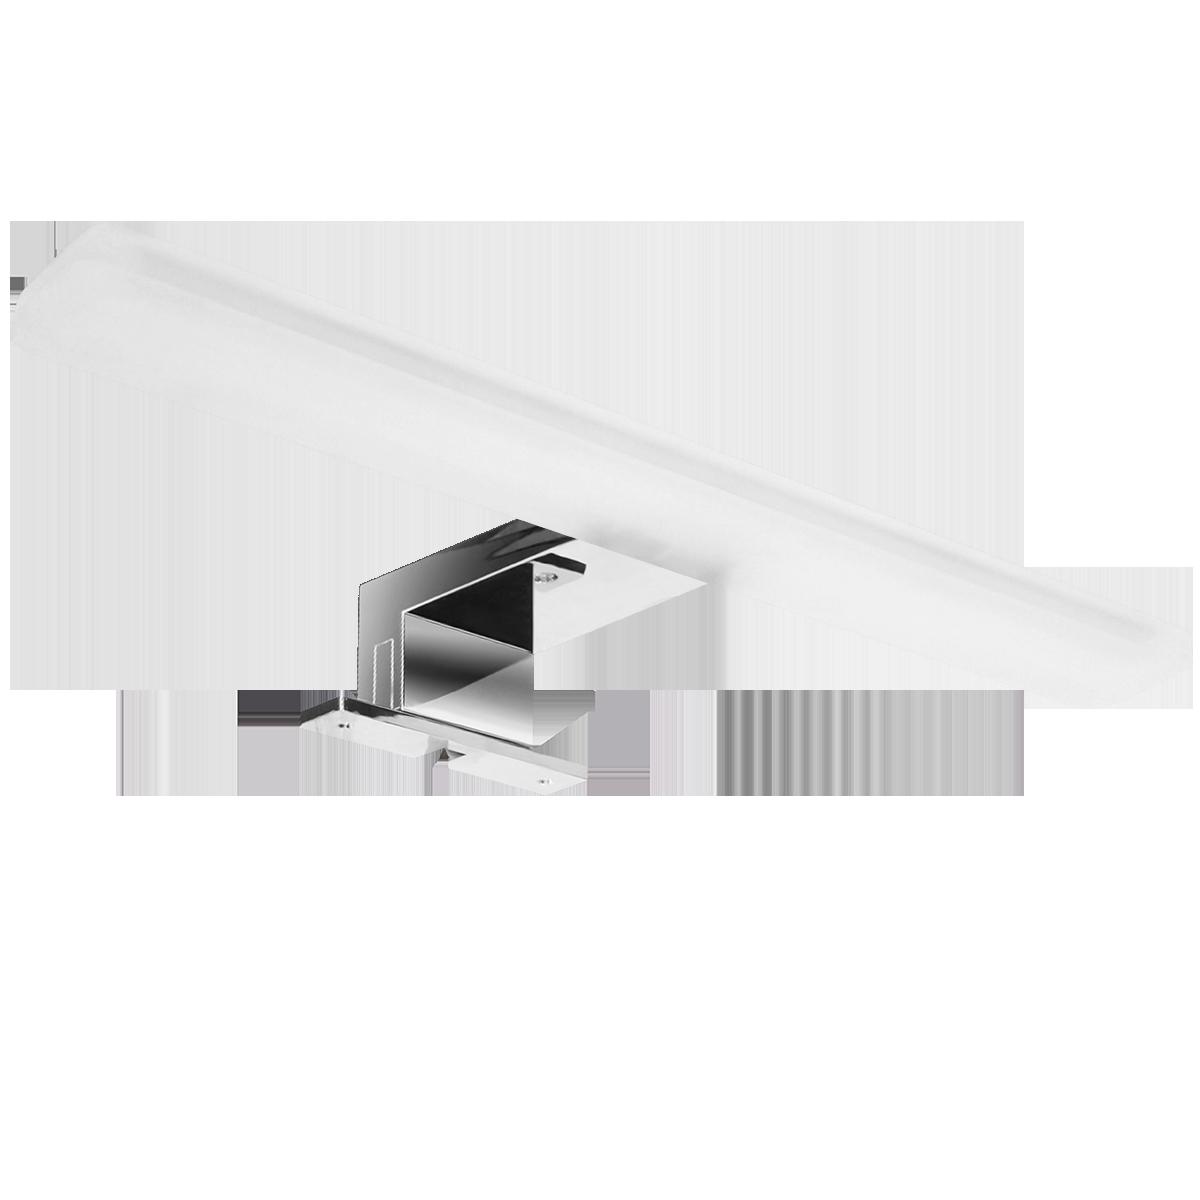 LED-Leuchte ESPELLO mit Ausleger über Spiegel, 6W, 4000K